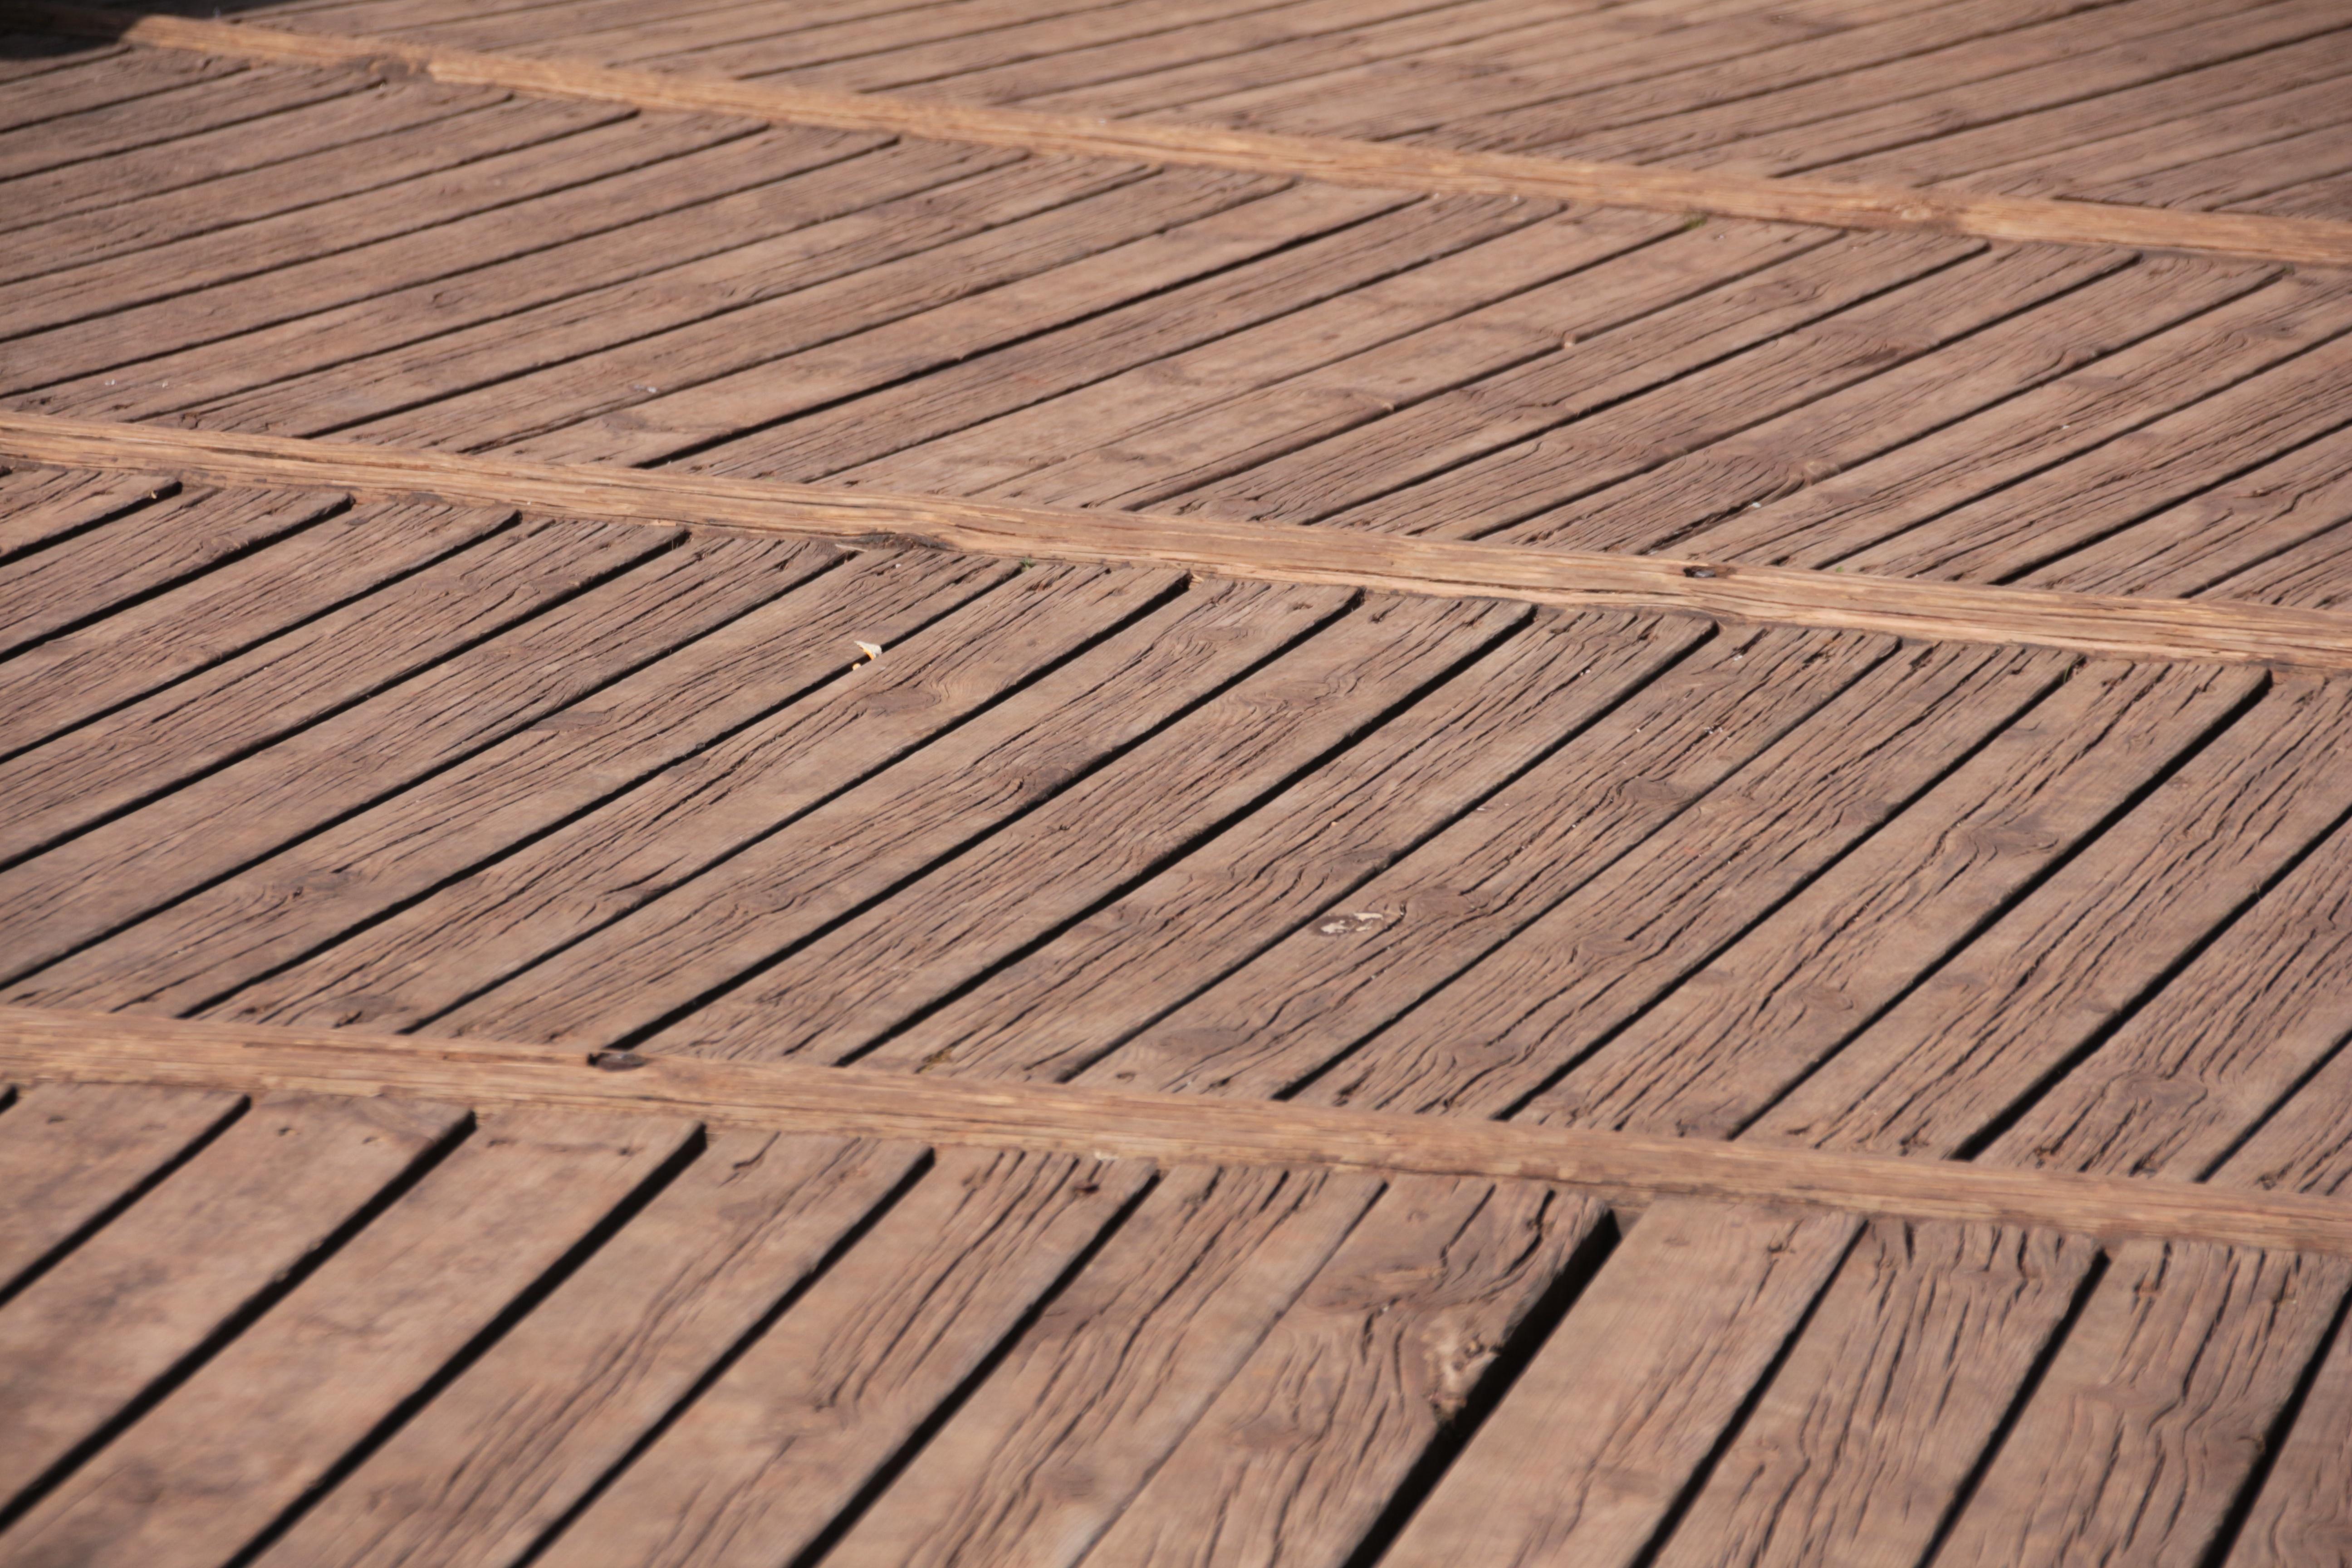 fotos gratis estructura cubierta tablero suelo techo maderas piso de madera terraza fondo madera dura parquet madera